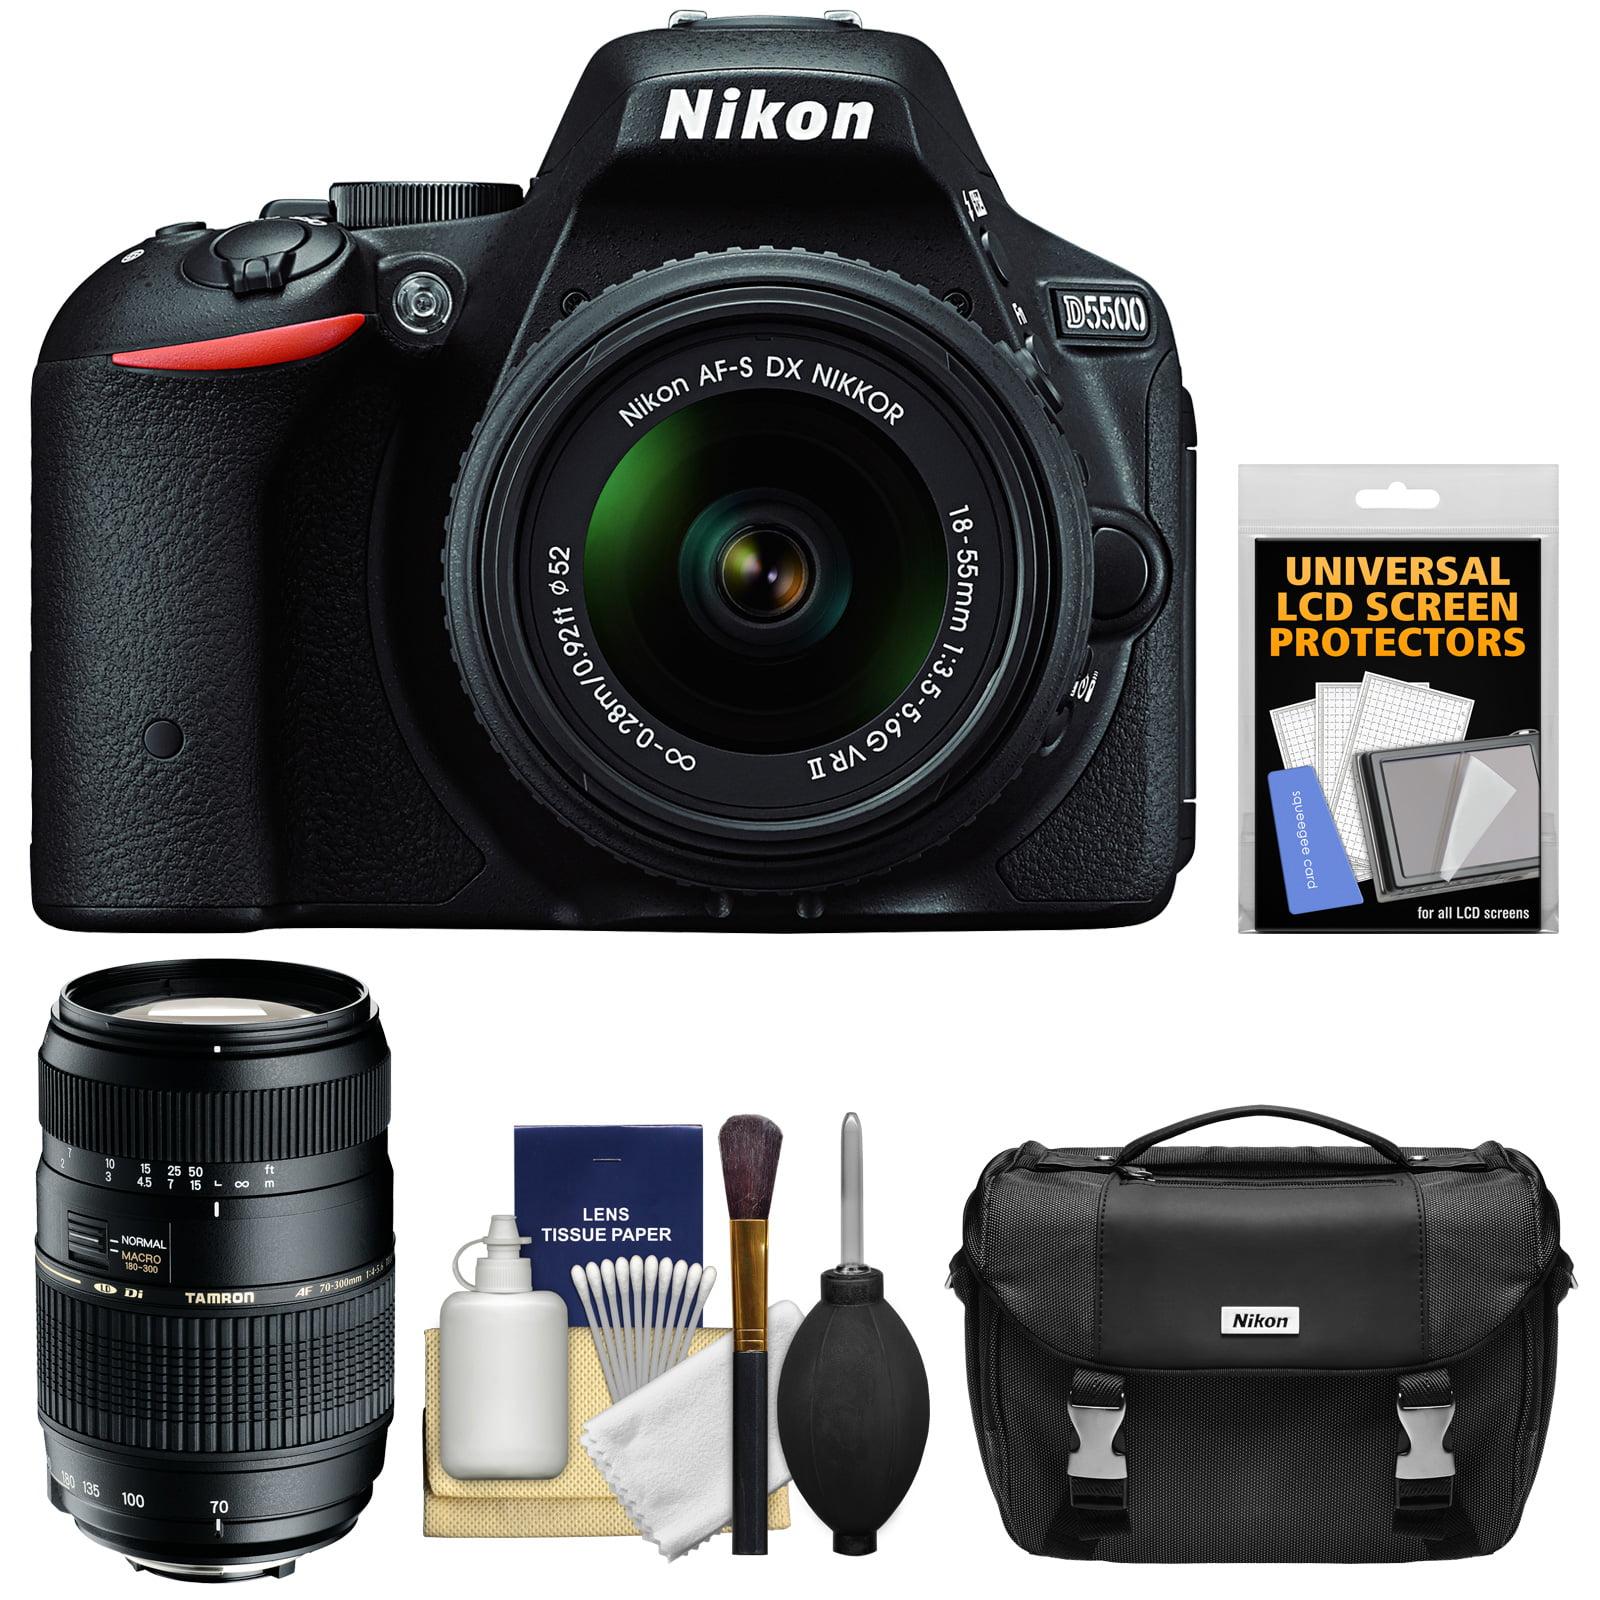 Nikon D5500 Wi - Fi Digital SLR Camera & 18 - 55mm VR DX II Lens (Black)  -  Factory Refurbished with 70 - 300mm Zoom Lens + Case + Kit